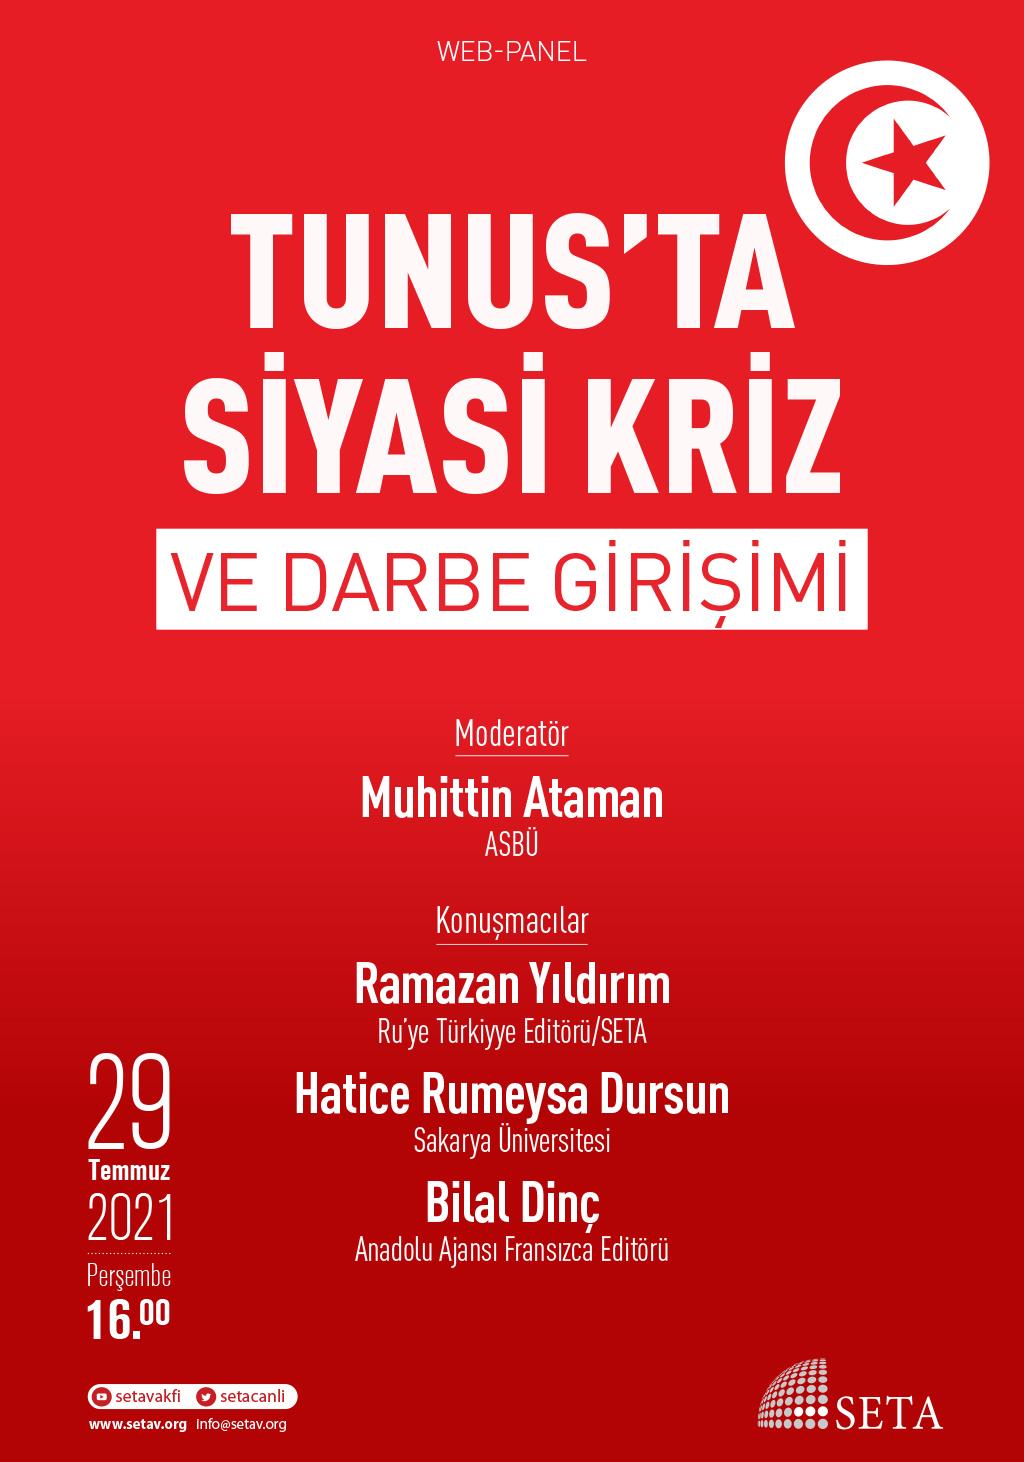 Web Panel: Tunus'ta Siyasi Kriz ve Darbe Girişimi